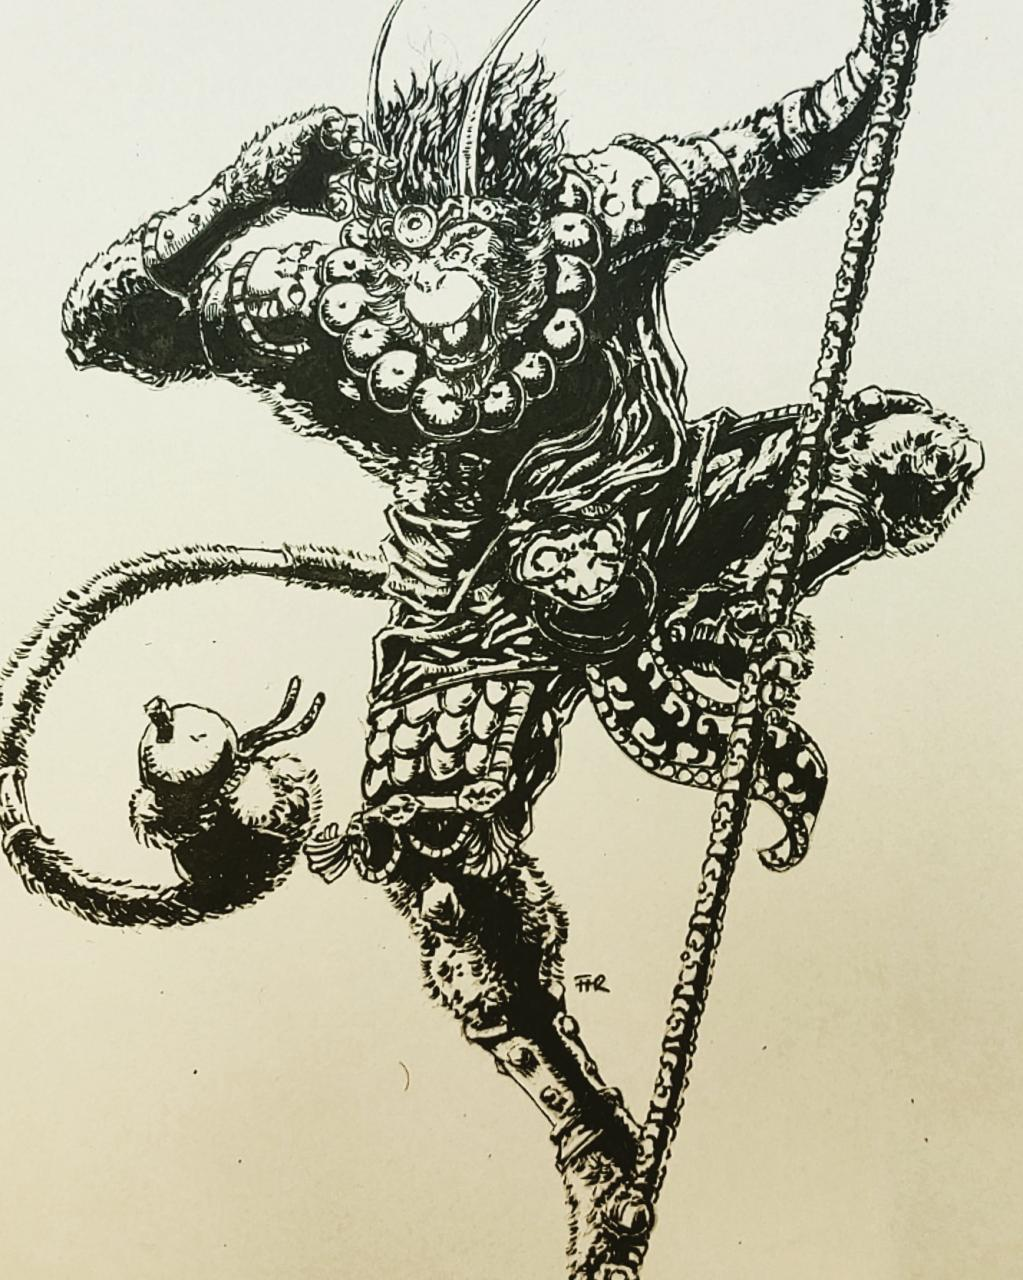 [Art] Inked Monkey king